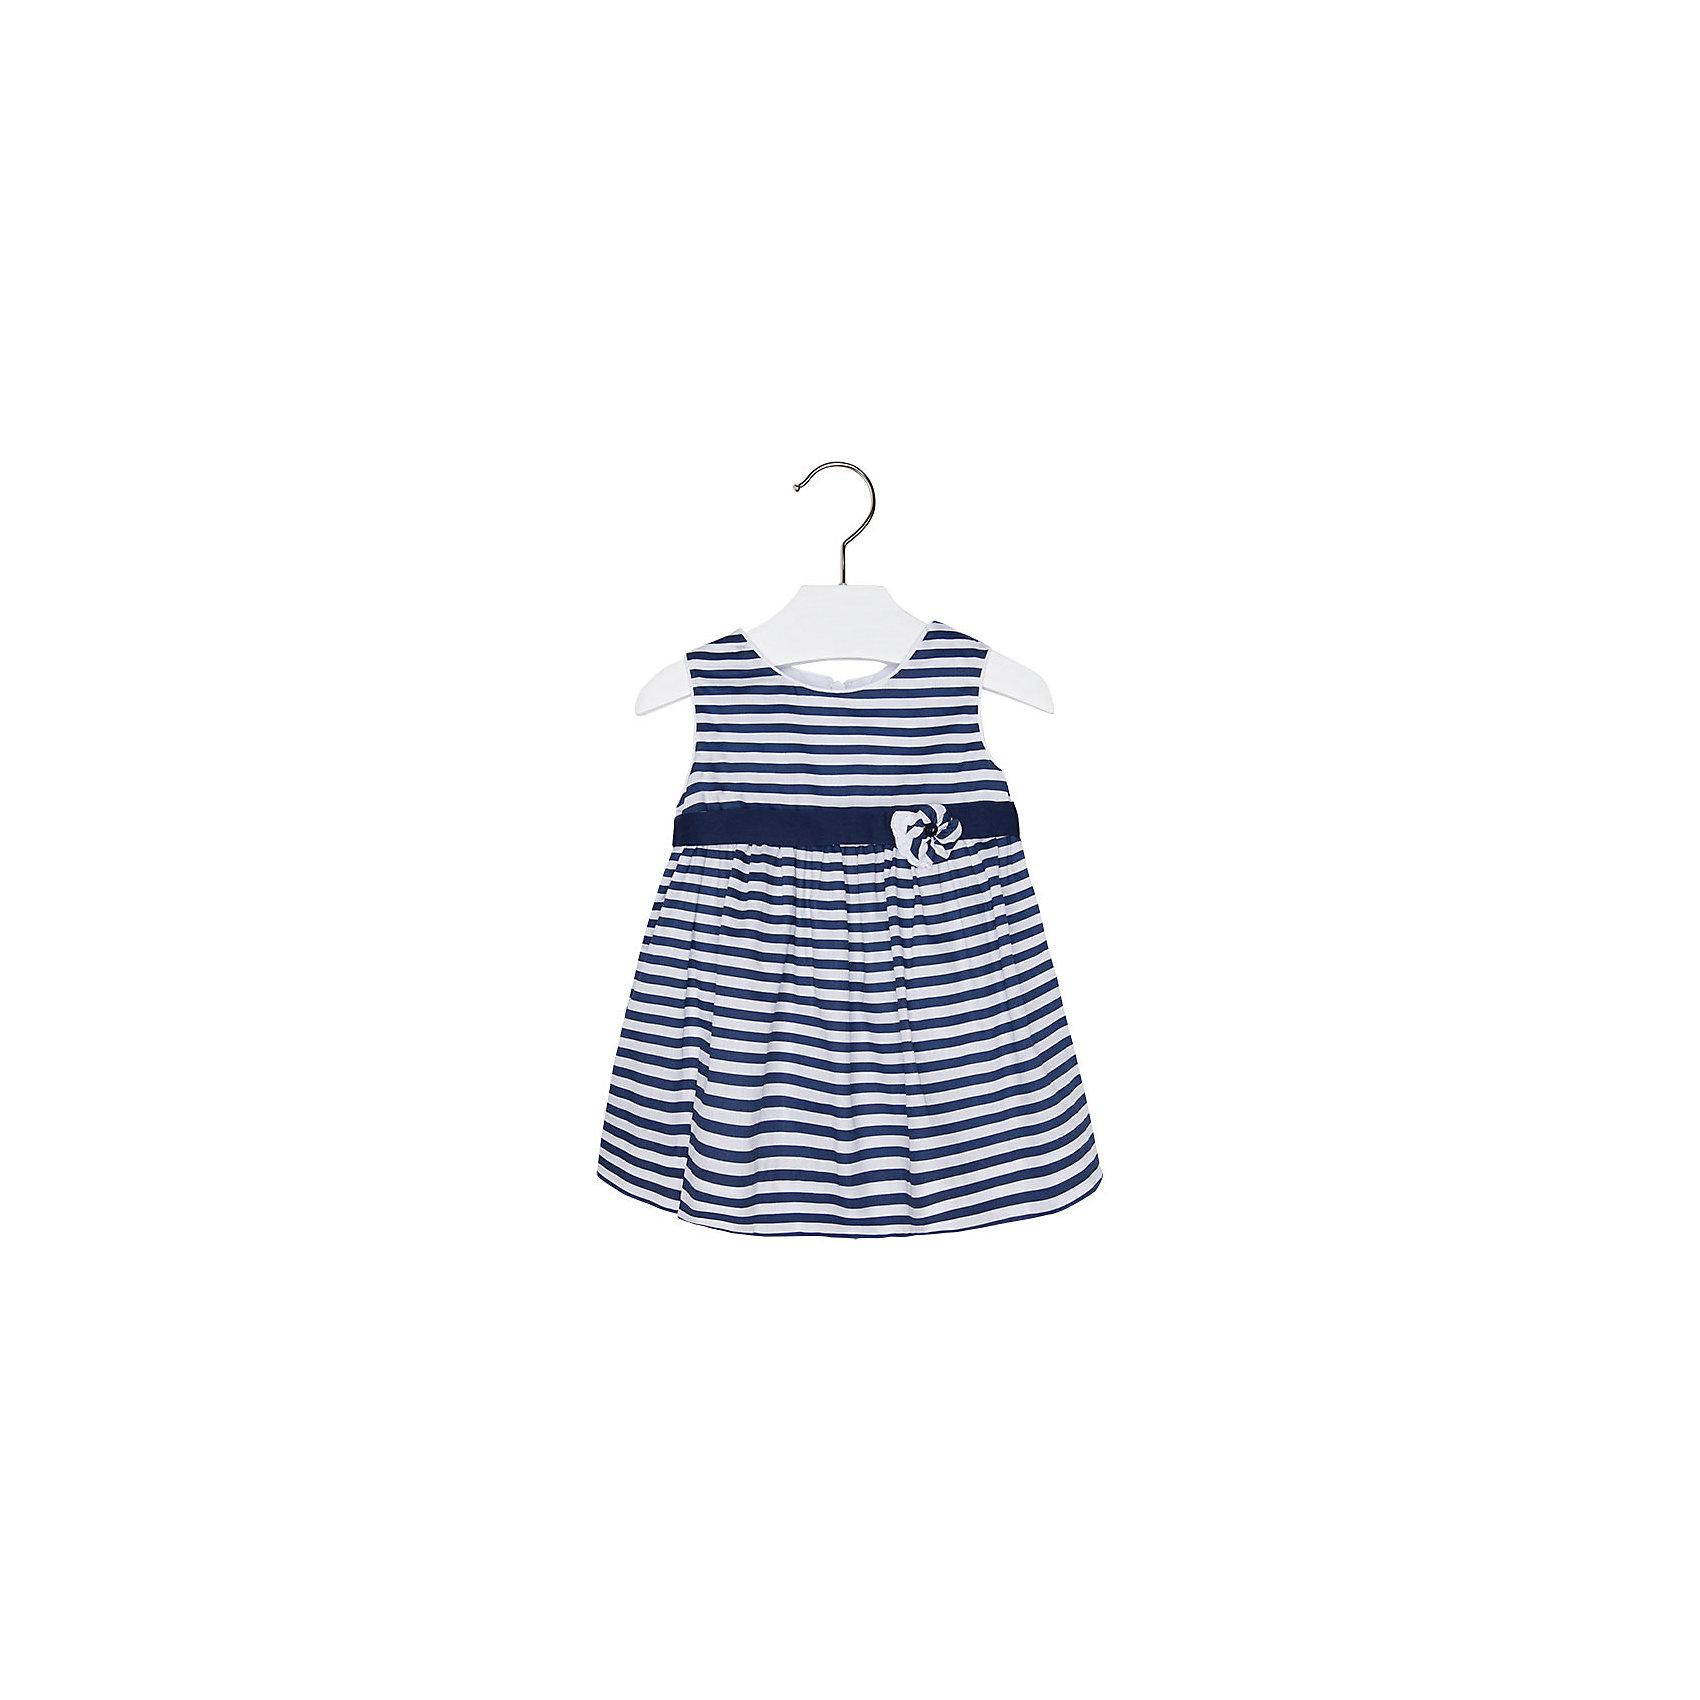 Платье для девочки MayoralПлатья<br>Очаровательное платье для девочки от известной испанской марки Mayoral - прекрасный вариант для теплой погоды. <br><br>Дополнительная информация:<br><br>- Мягкая, приятная к телу ткань. <br>- Округлый вырез горловины.<br>- В контрастную полоску.<br>- Цветок на груди. <br>- Застегивается на молнию и пуговицы на спине. <br>- Состав: верх - 100 % хлопок; подкладка - 35% хлопок, 65 % полиэстер.<br><br>Платье для девочки Mayoral (Майорал) можно купить в нашем магазине.<br><br>Ширина мм: 236<br>Глубина мм: 16<br>Высота мм: 184<br>Вес г: 177<br>Цвет: синий<br>Возраст от месяцев: 9<br>Возраст до месяцев: 12<br>Пол: Женский<br>Возраст: Детский<br>Размер: 80,92,86,74<br>SKU: 4538051